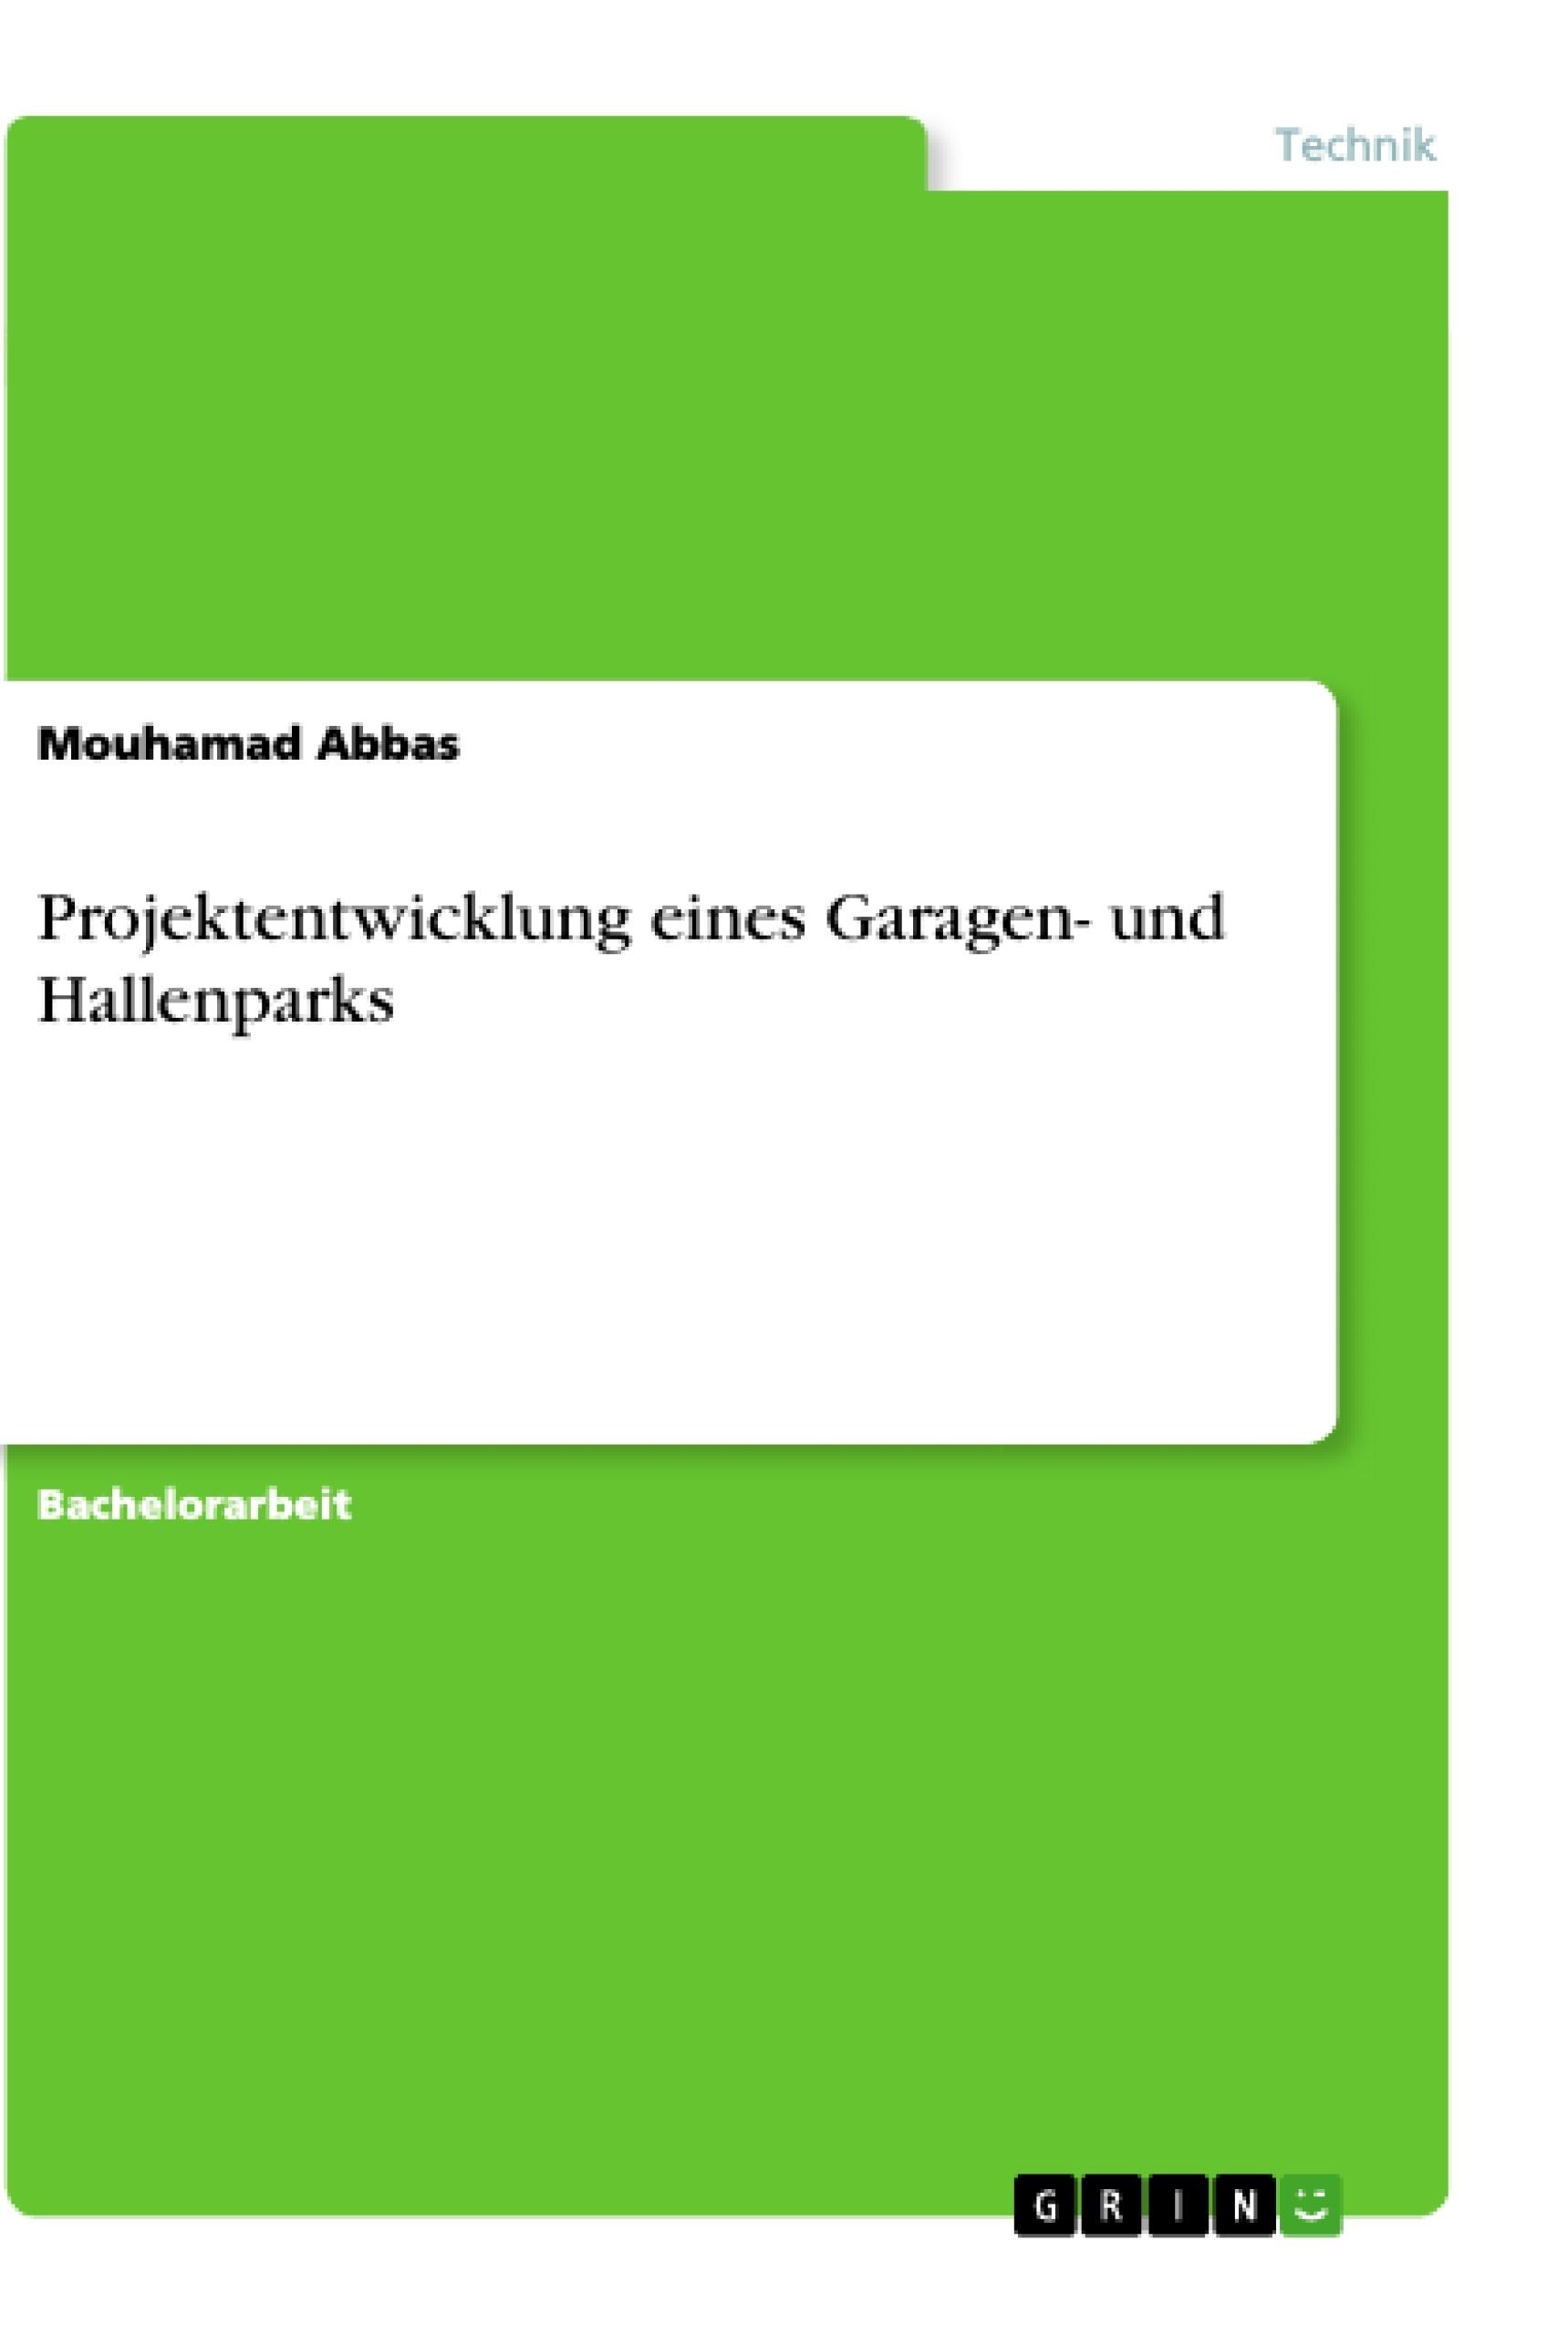 Titel: Projektentwicklung eines Garagen- und Hallenparks